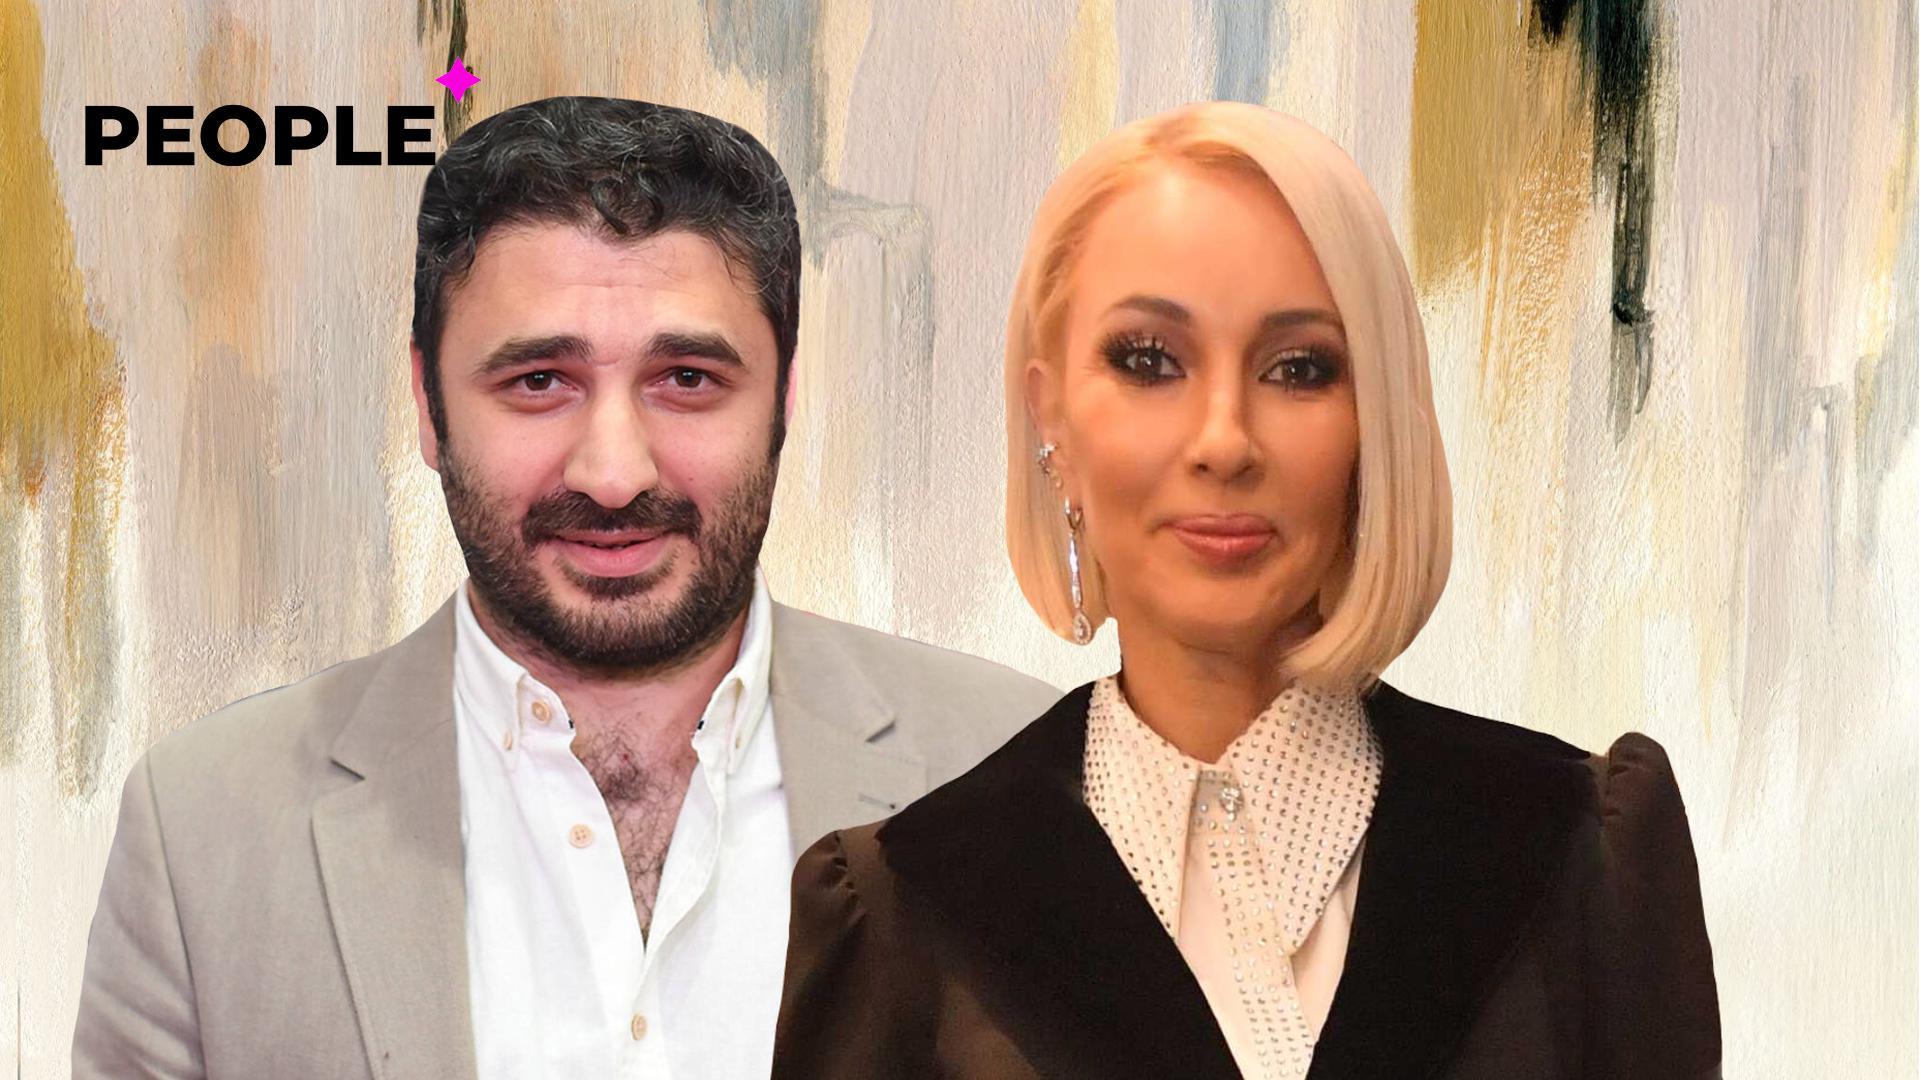 Сарик Андреасян подает в суд на Леру Кудрявцеву за неудачную шутку на «Новой волне»